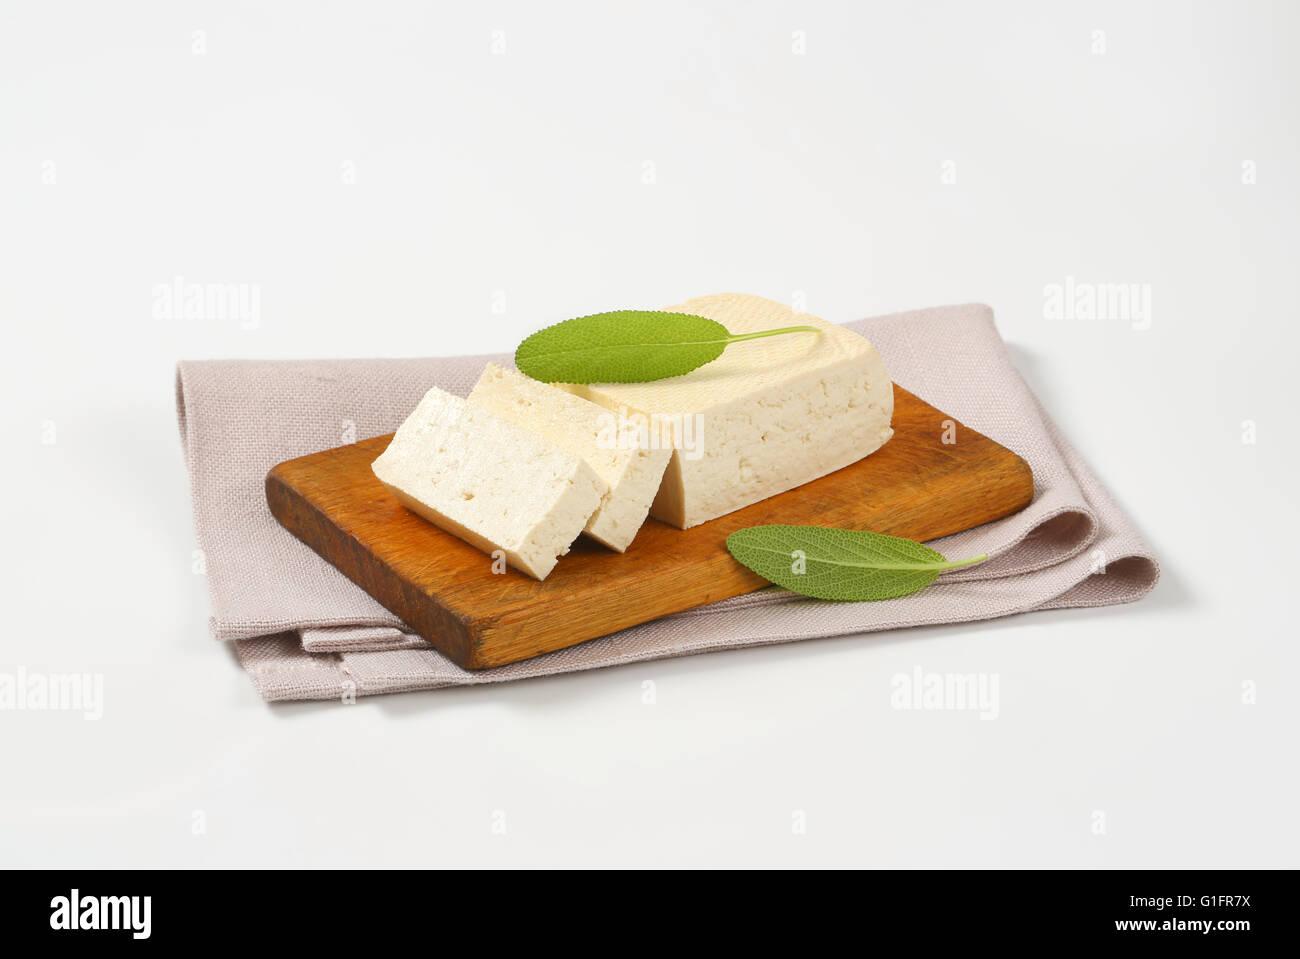 block of fresh tofu on cutting board - Stock Image